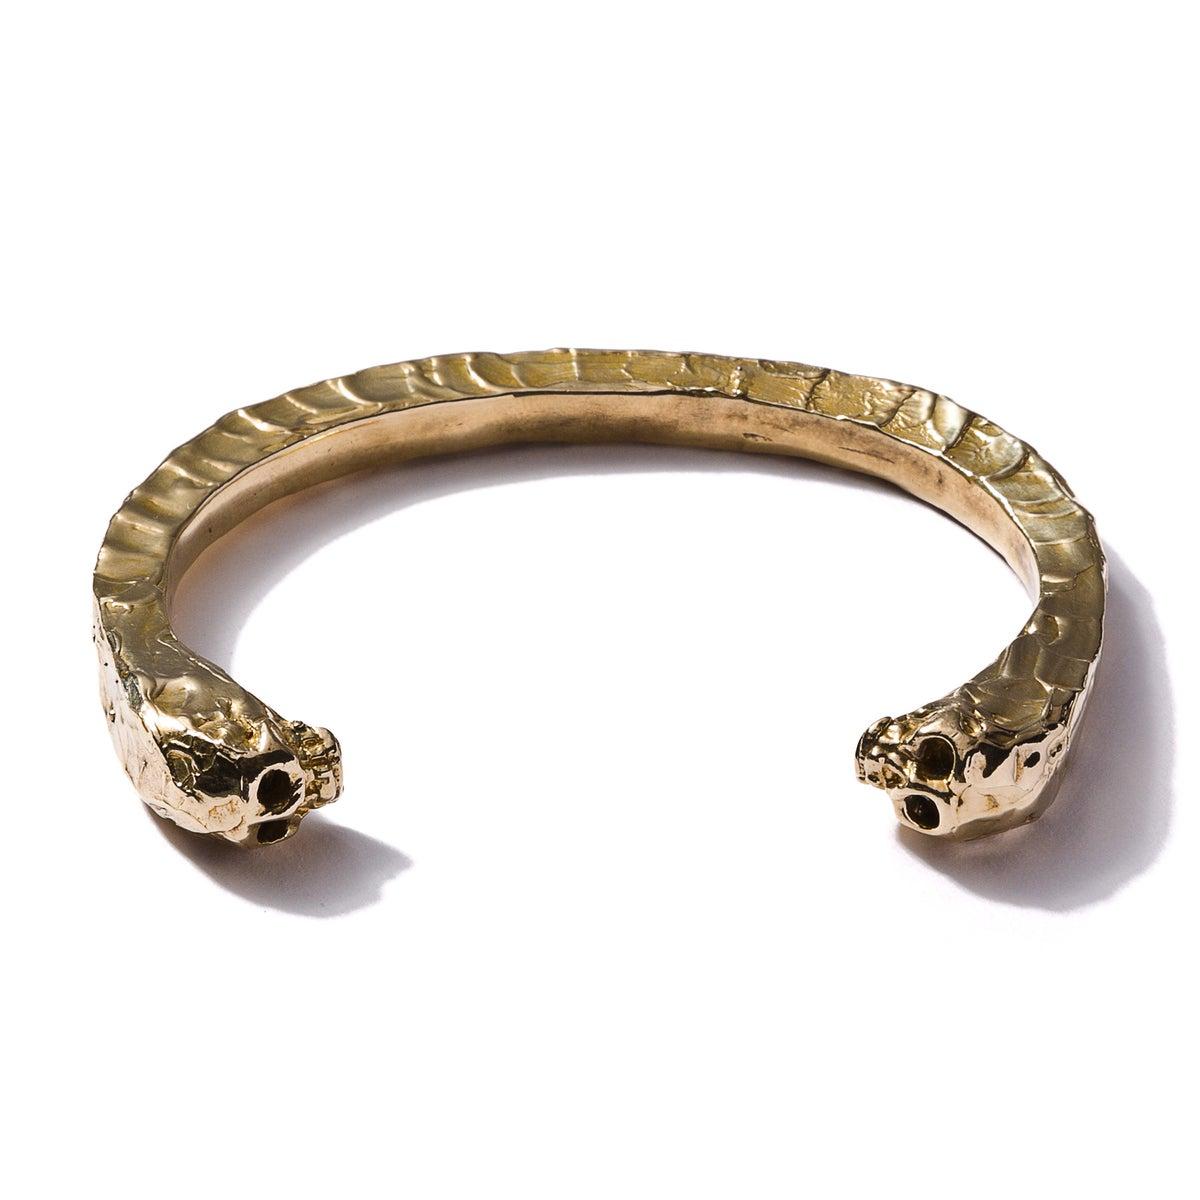 Image of Skull to Skull Bangle